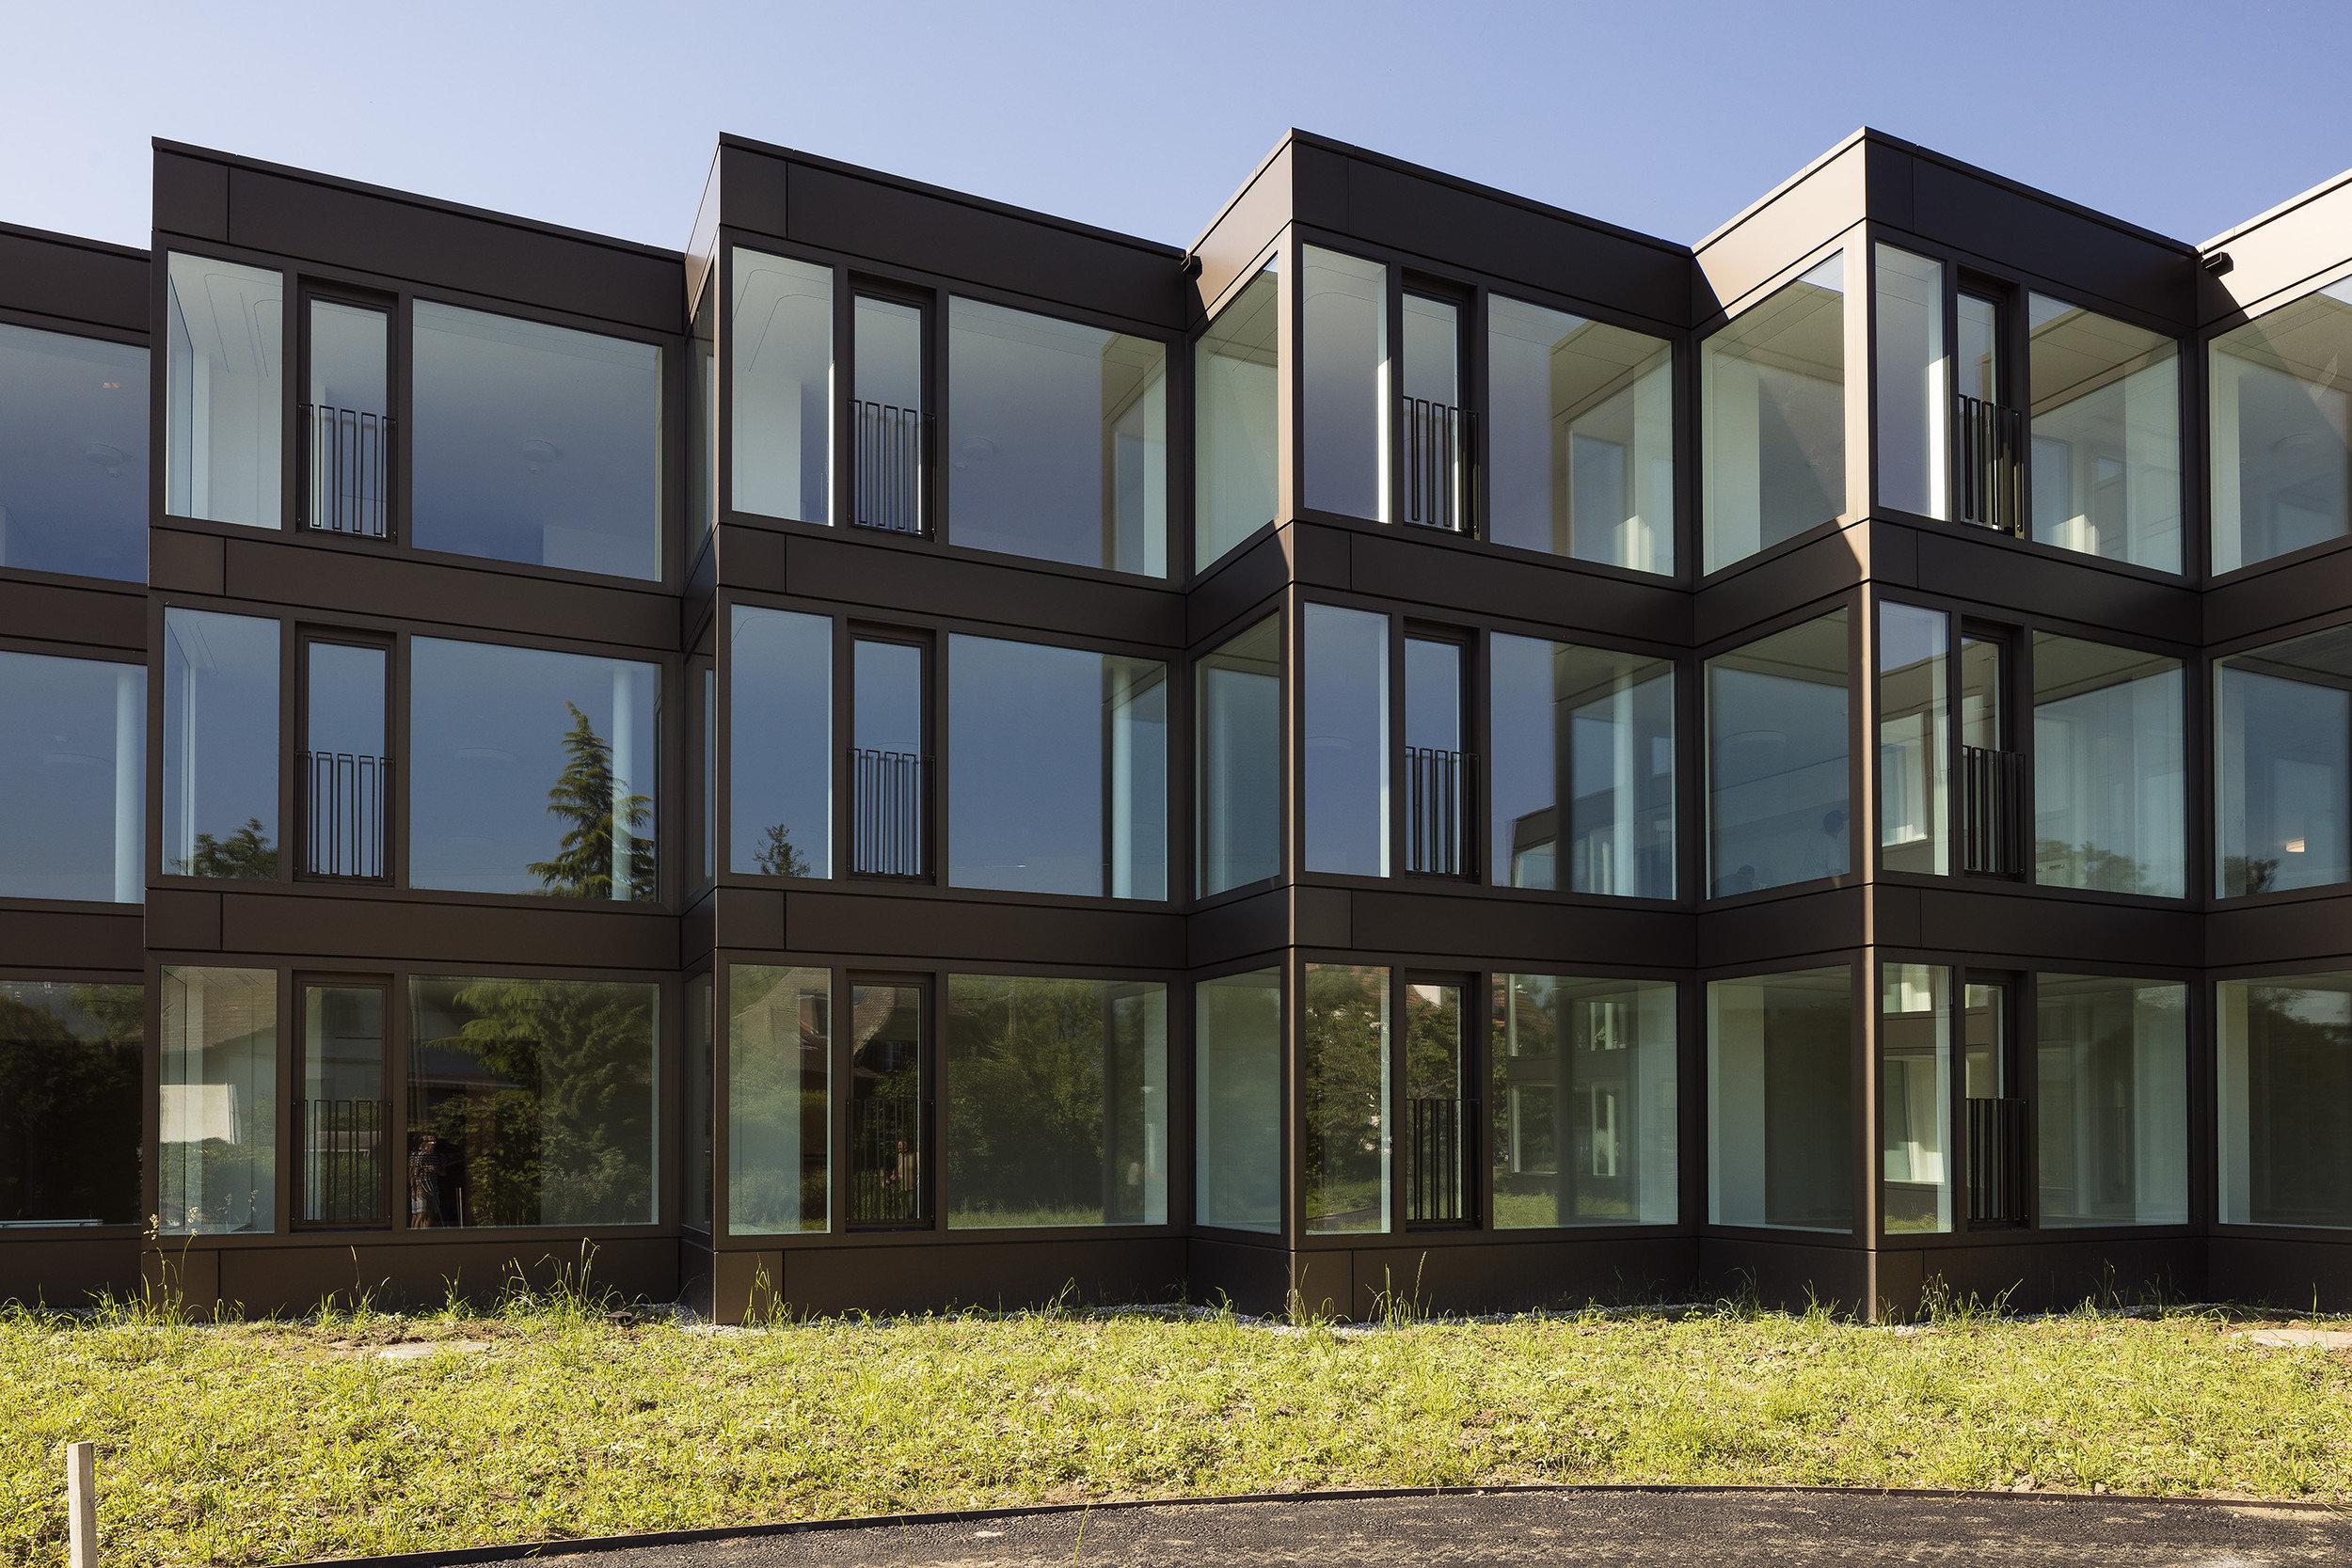 Fensterfront mit wenig Fassade bei Gebäude im zick-zack-Muster